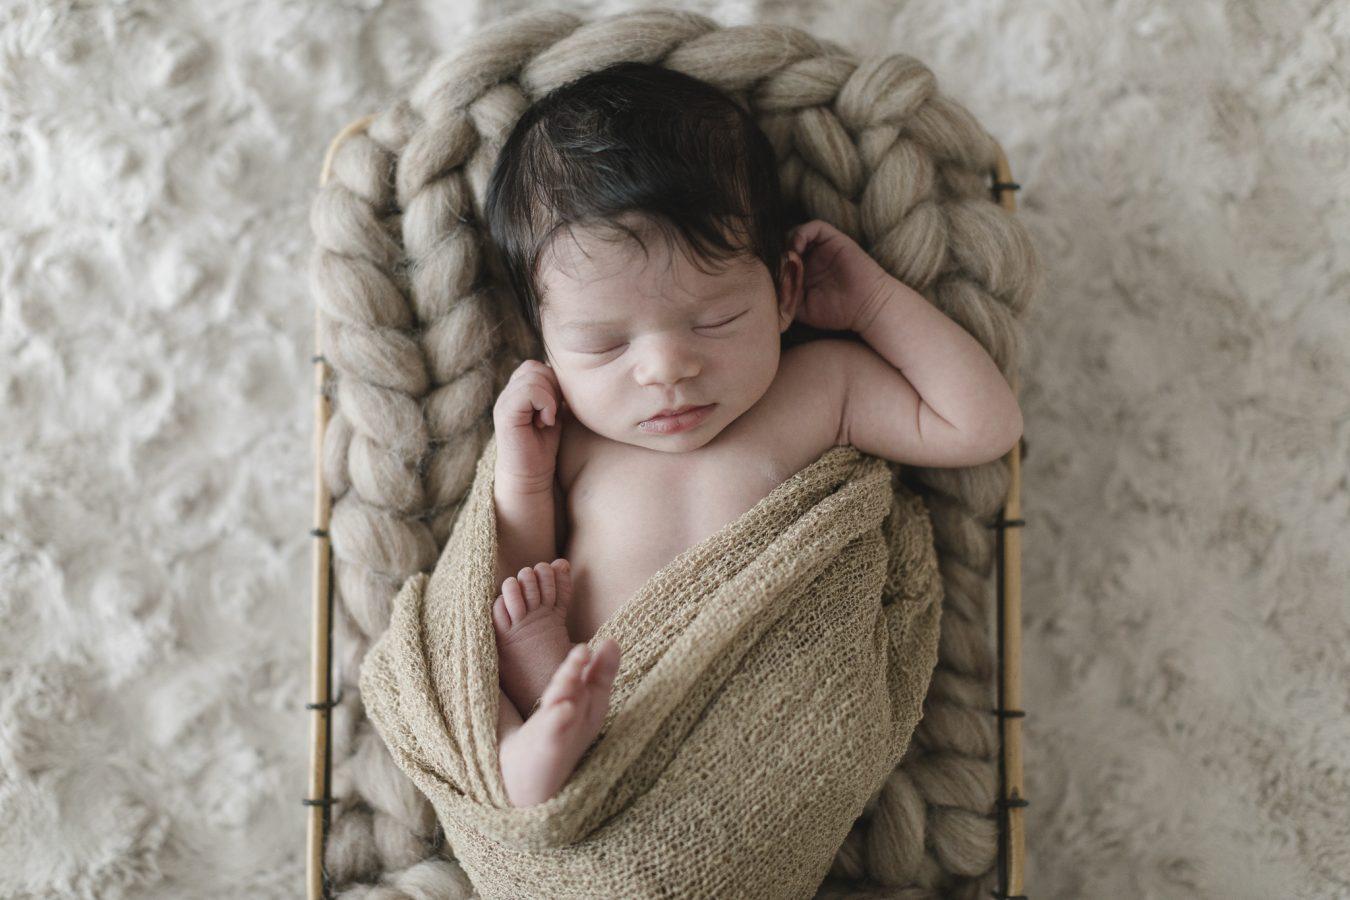 Babyfotograf Hamburg - Baby liegt in einem Körbchen